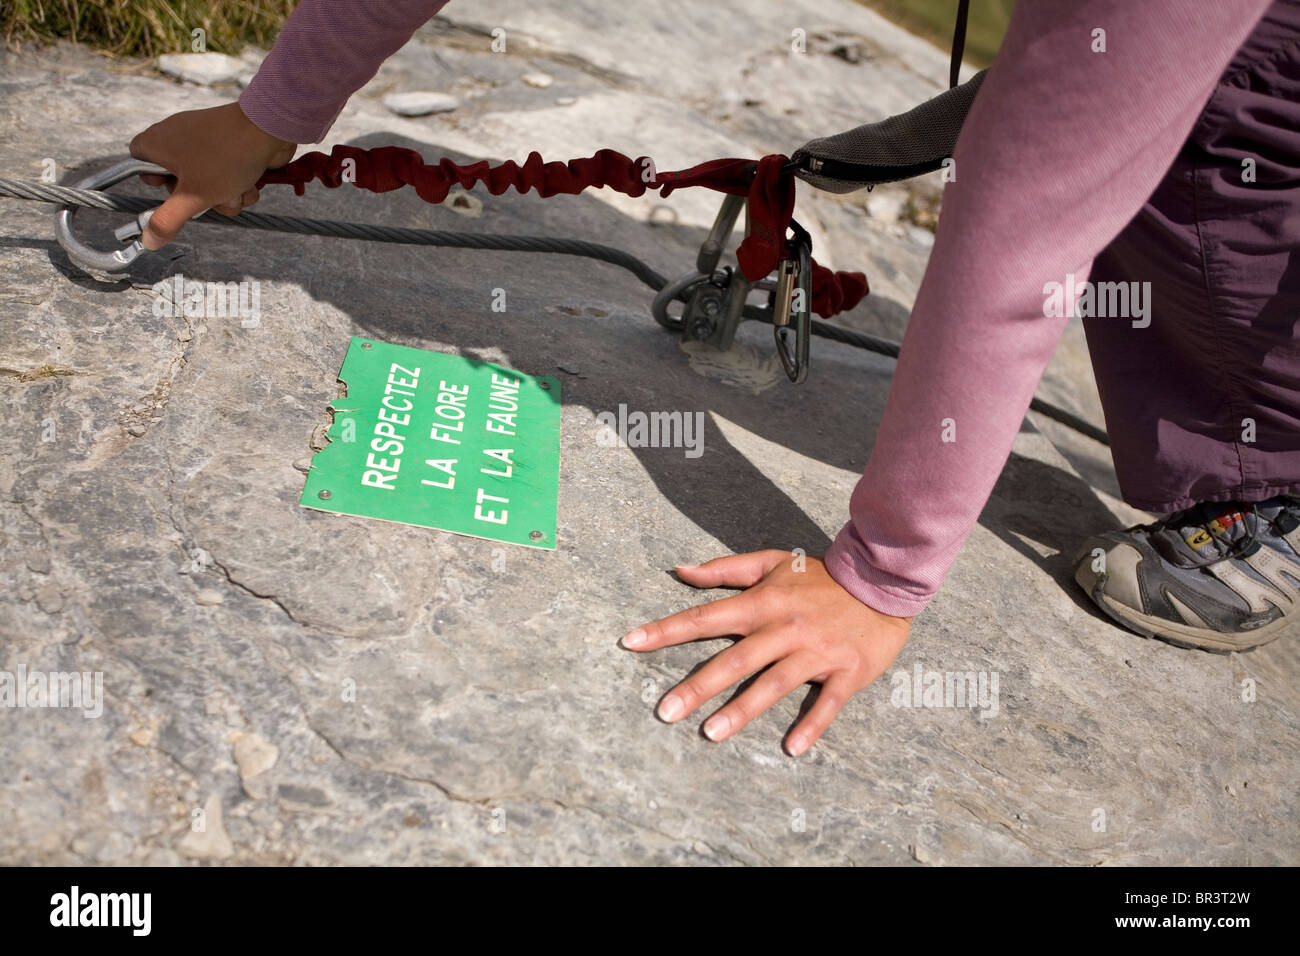 Una joven mujer atribuye a sí misma al cable atornillada a la roca mientras practica el deporte de Vía Imagen De Stock